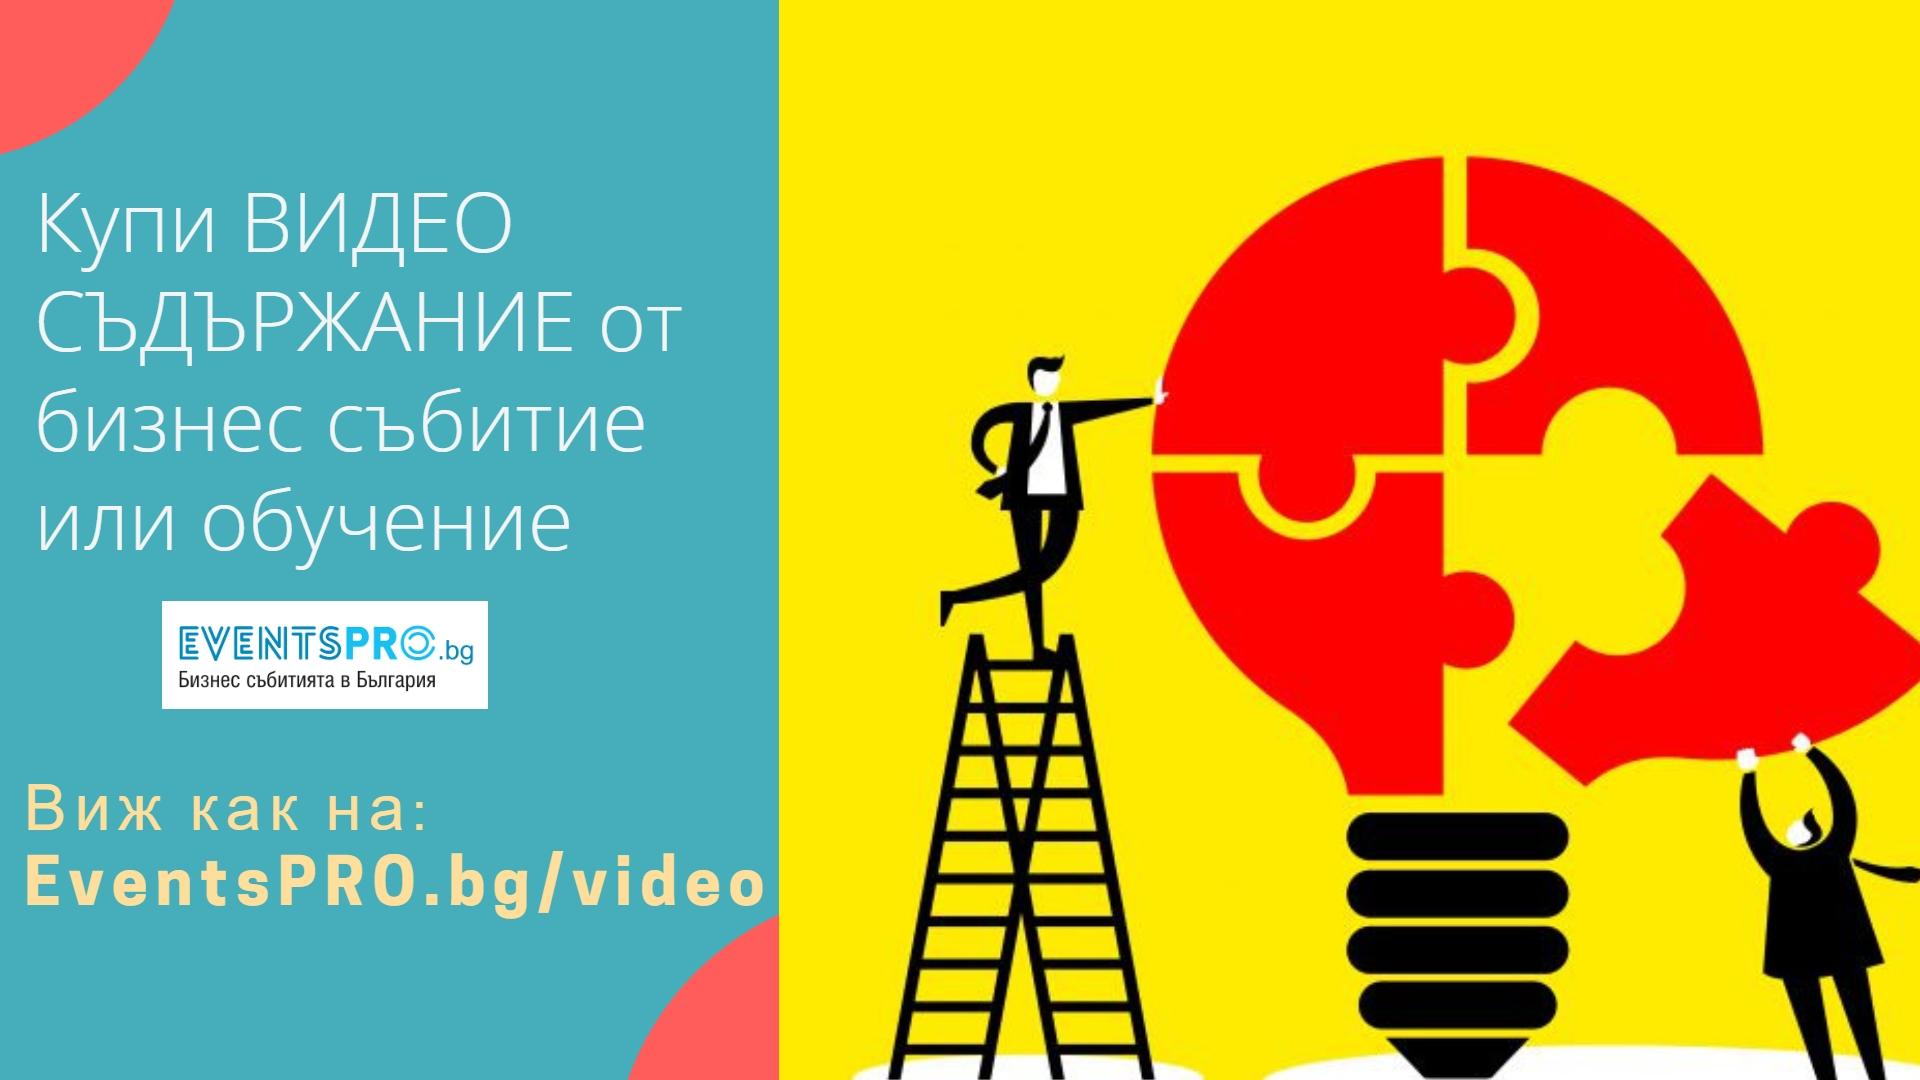 Видео съдържание от бизнес събития и обучения